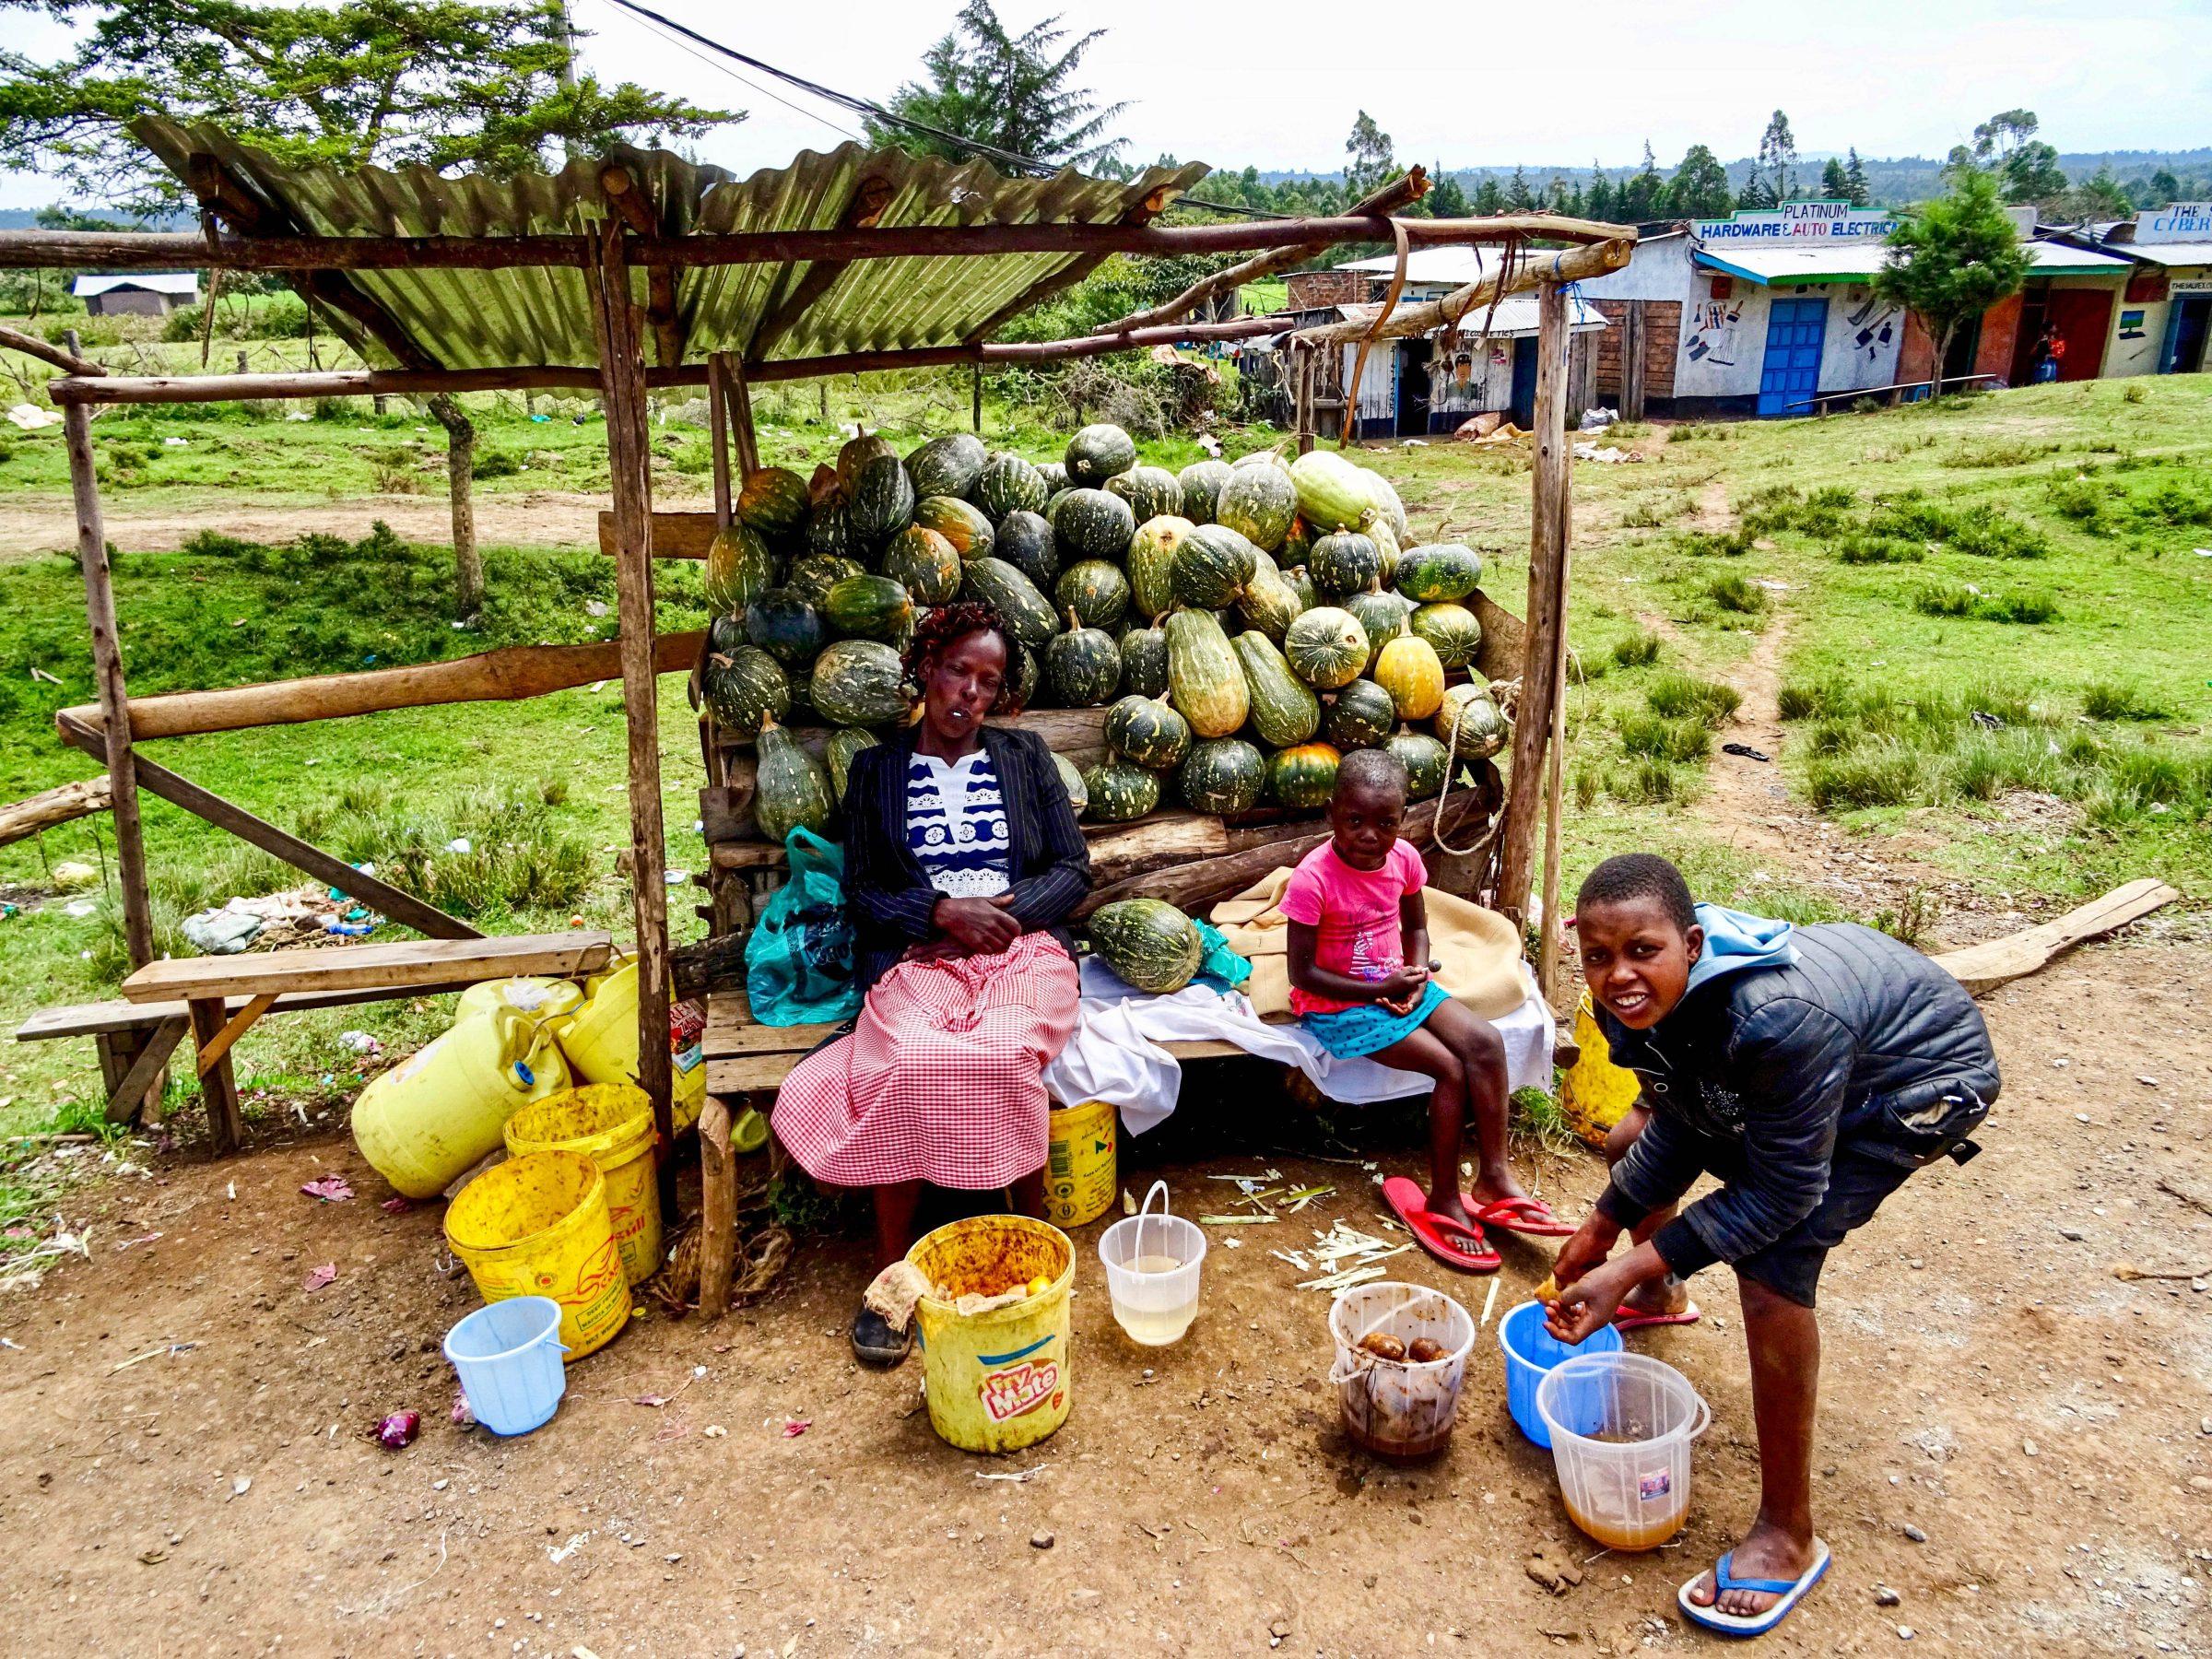 Meloenenverkopers in Chebole